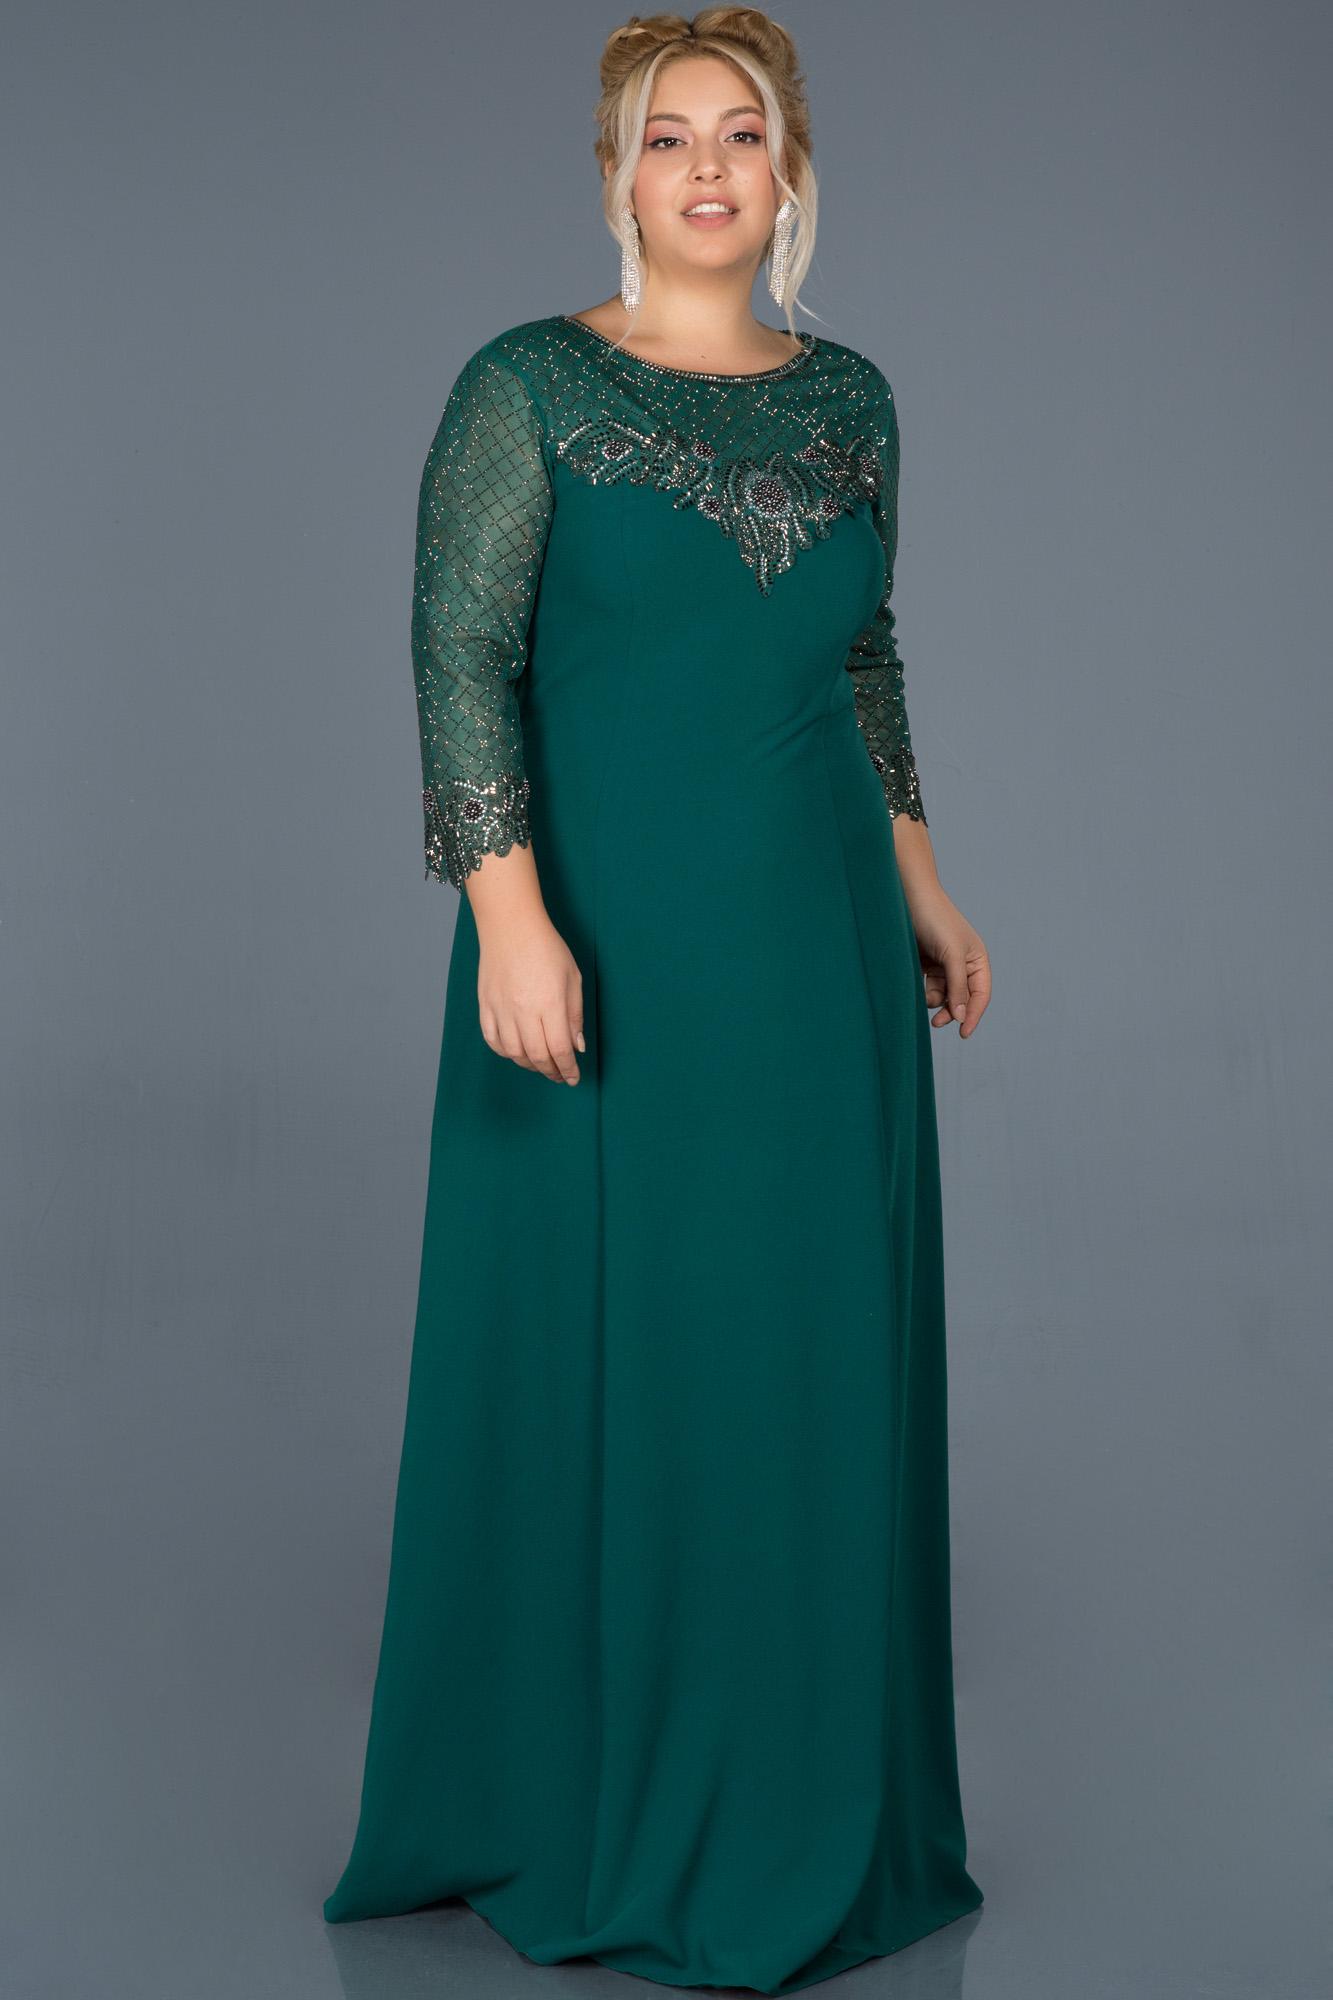 Zümrüt Yeşili Uzun Taş Işlemeli Büyük Beden Davet Elbisesi